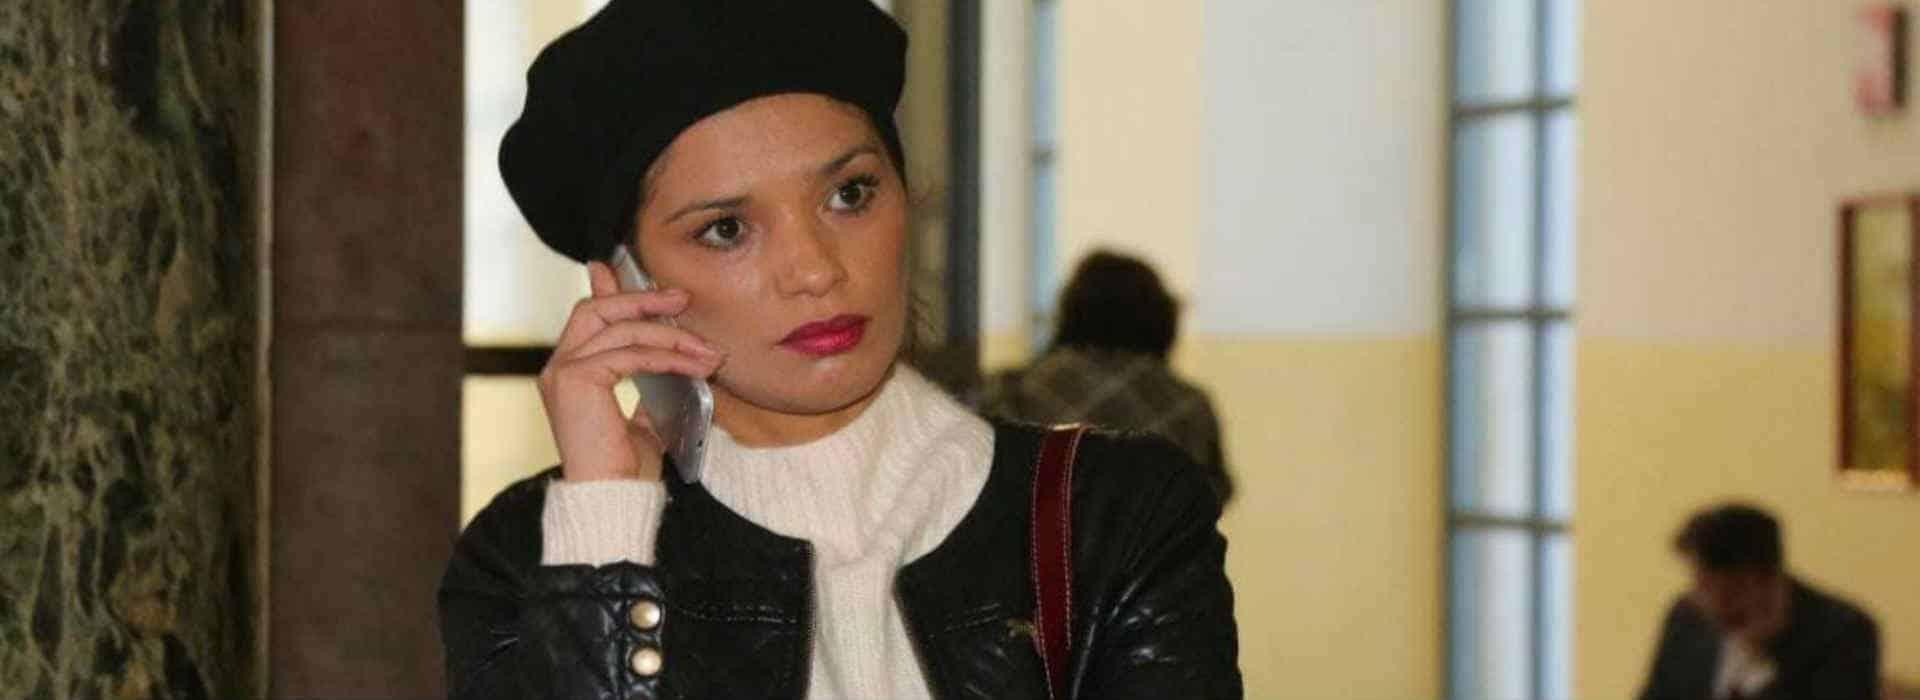 Morte Imane Fadil: avvisi di garanzia ai medici dell'Humanitas